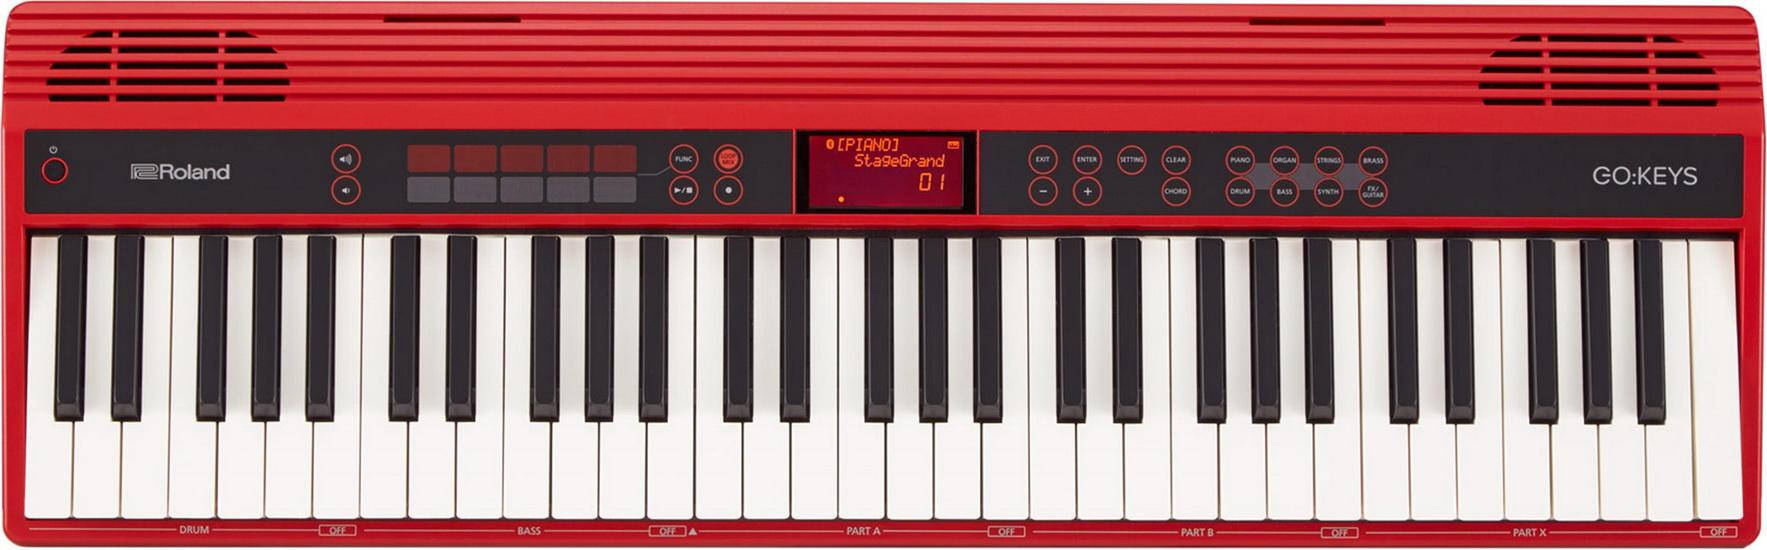 Clavier Portatif 61 Notes GO-KEYS